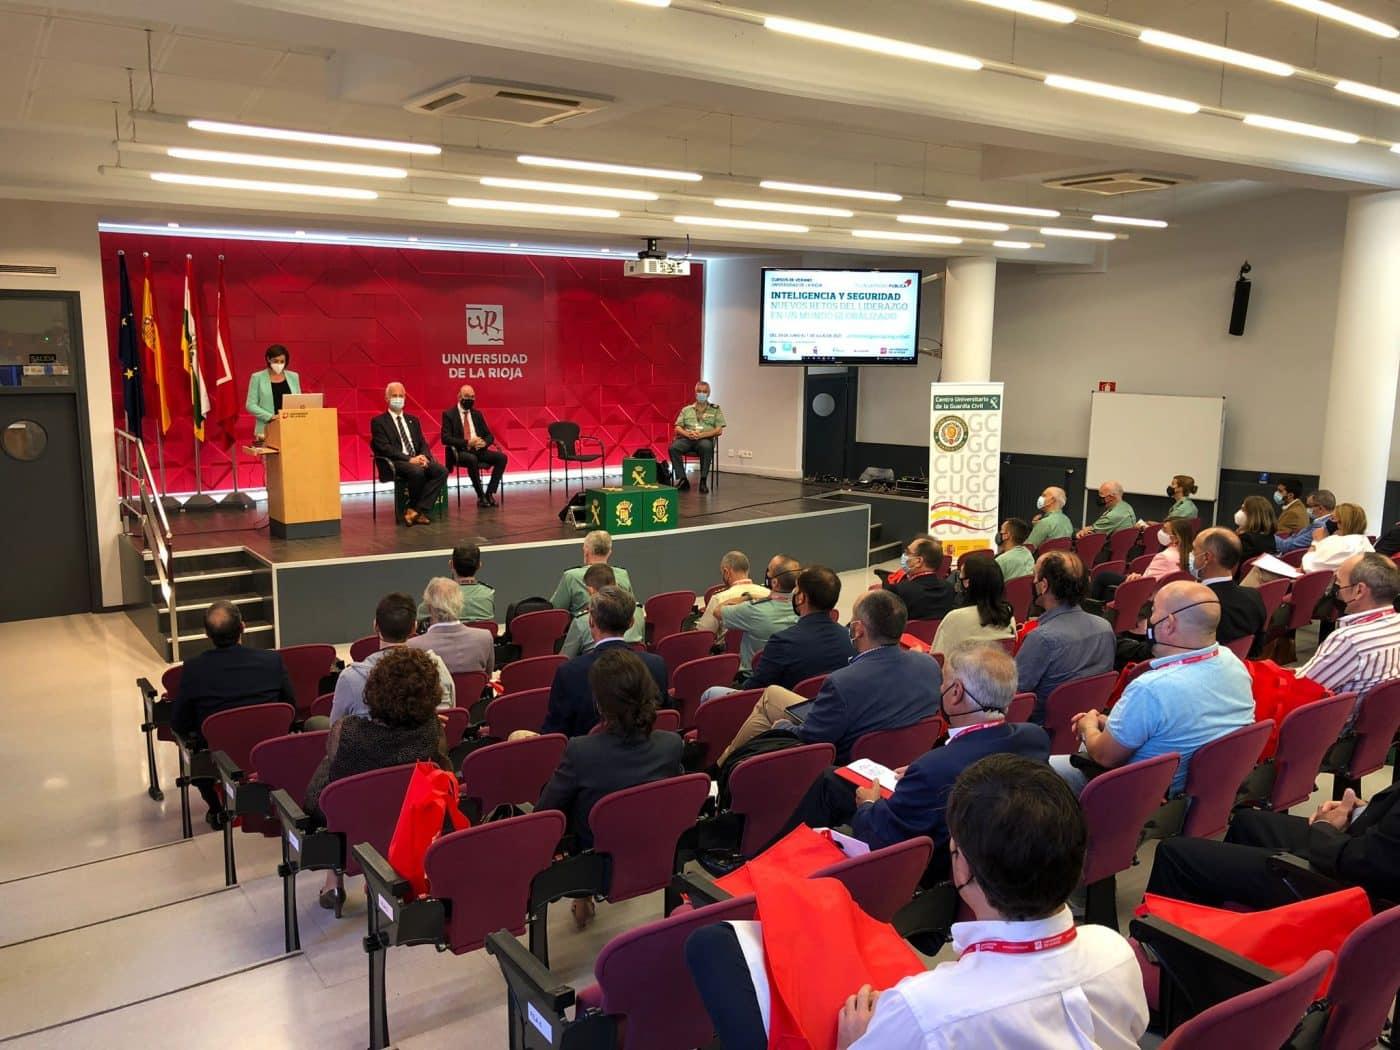 El Curso de Verano Inteligencia y Seguridad de la Guardia Civil aporta 4.058 euros al Banco de Alimentos de La Rioja 1